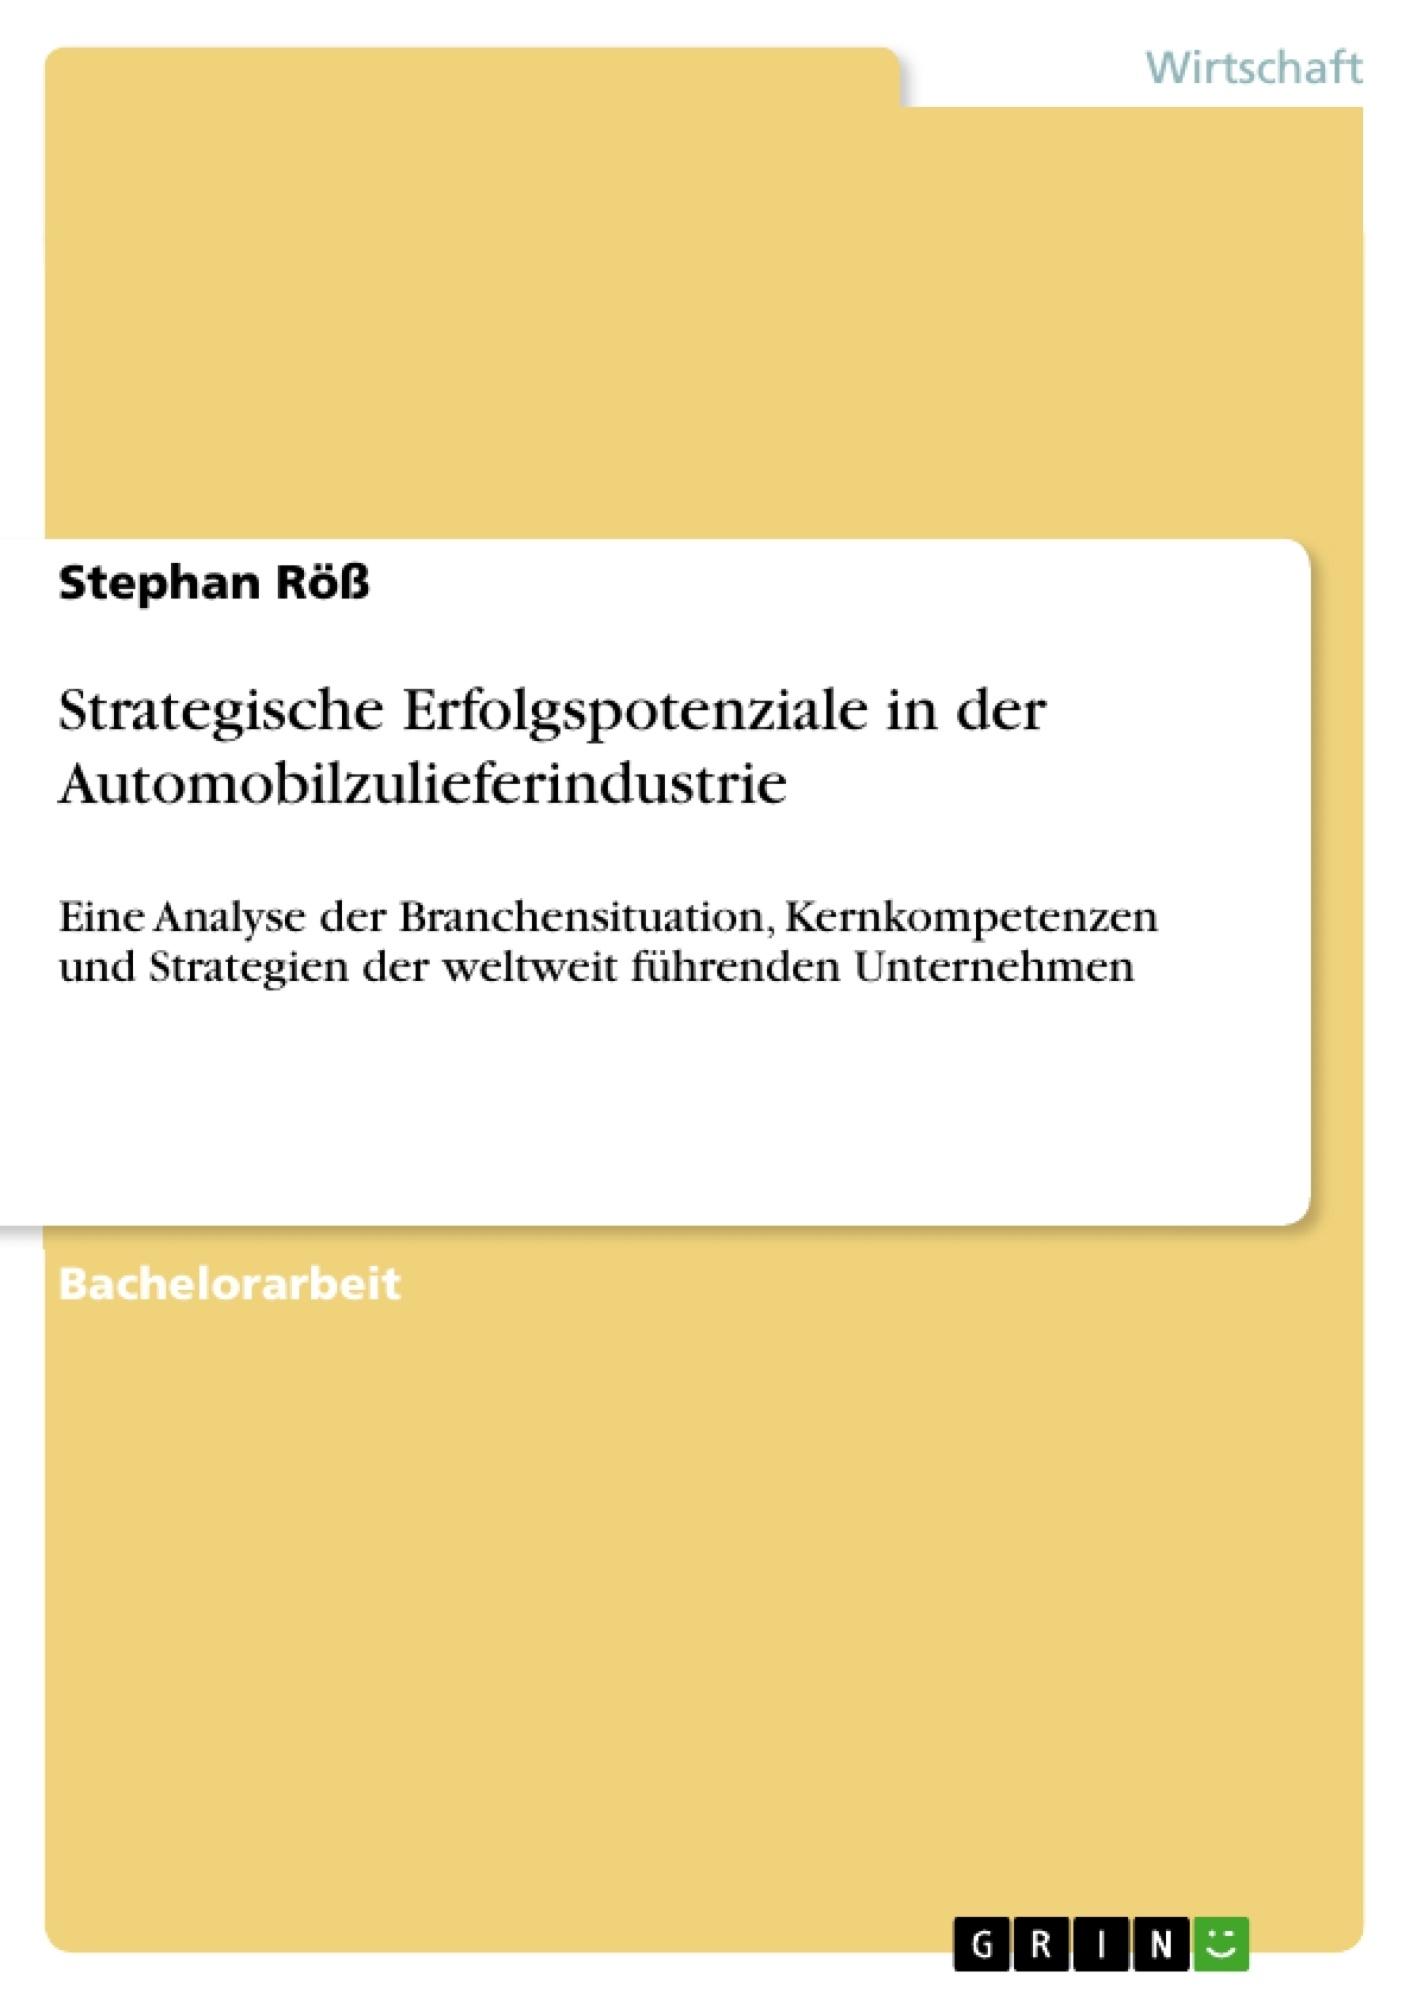 Titel: Strategische Erfolgspotenziale in der Automobilzulieferindustrie